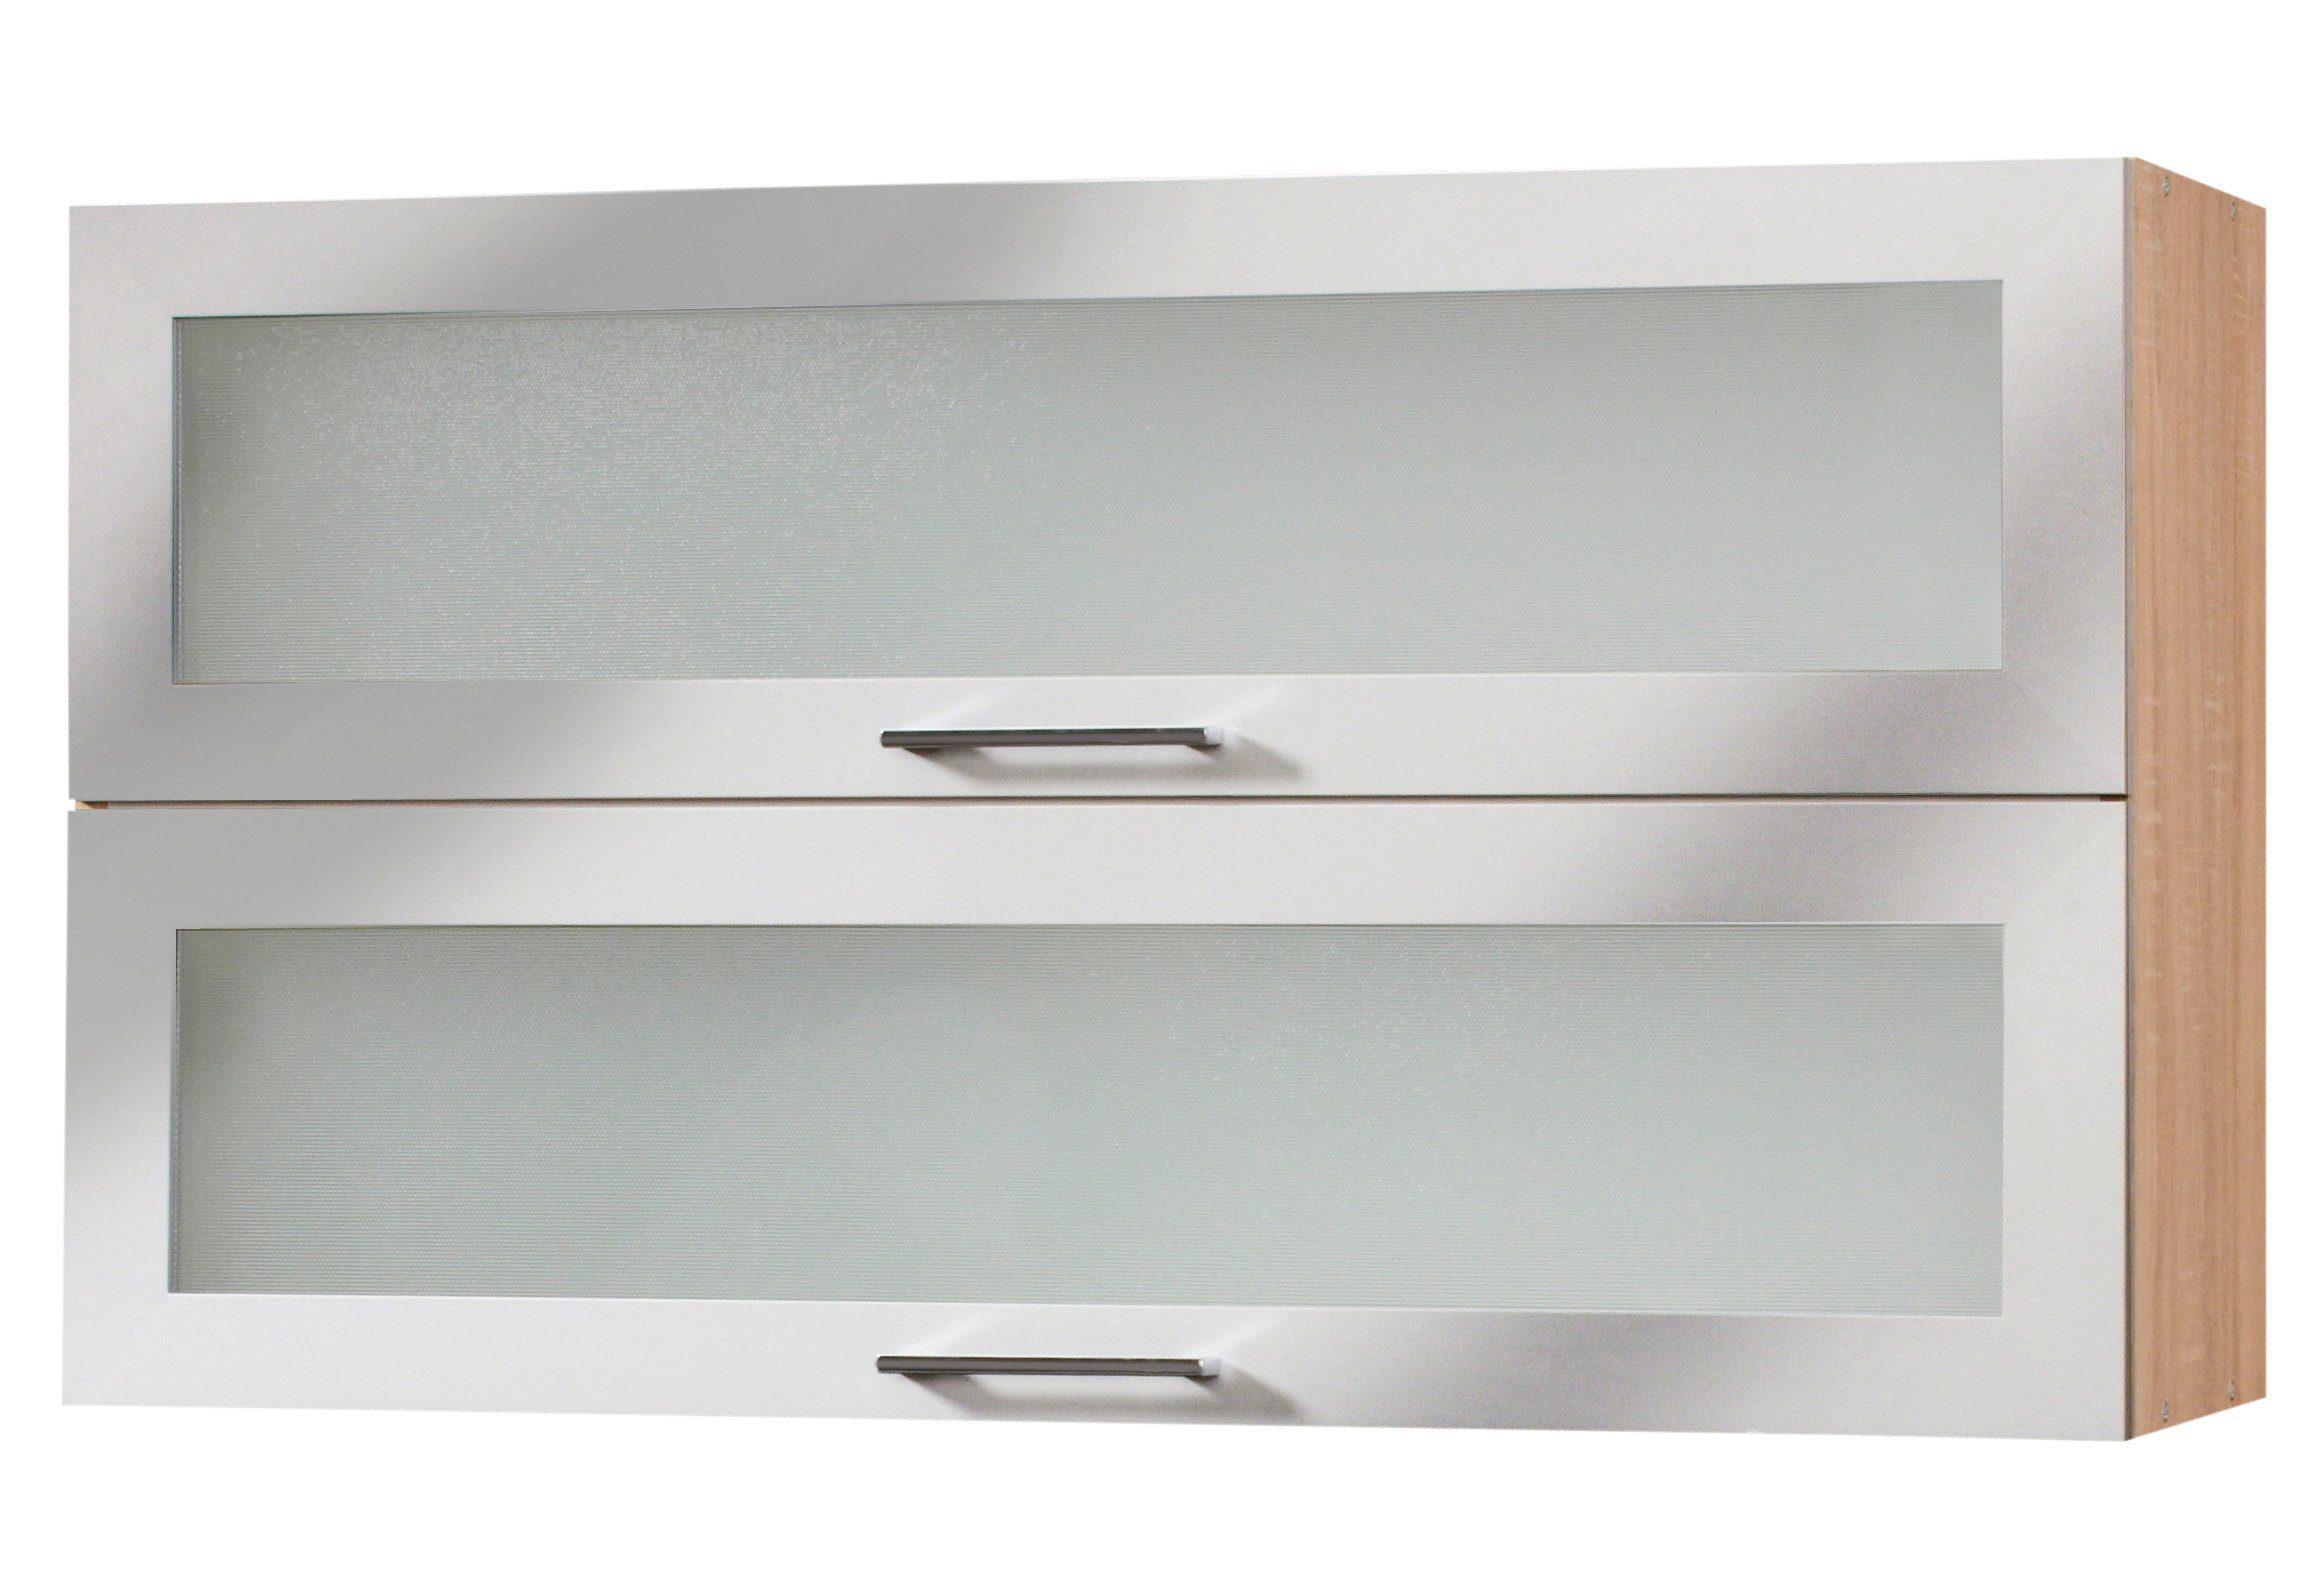 Küchenhängeschrank »Emden«, Breite 100 cm